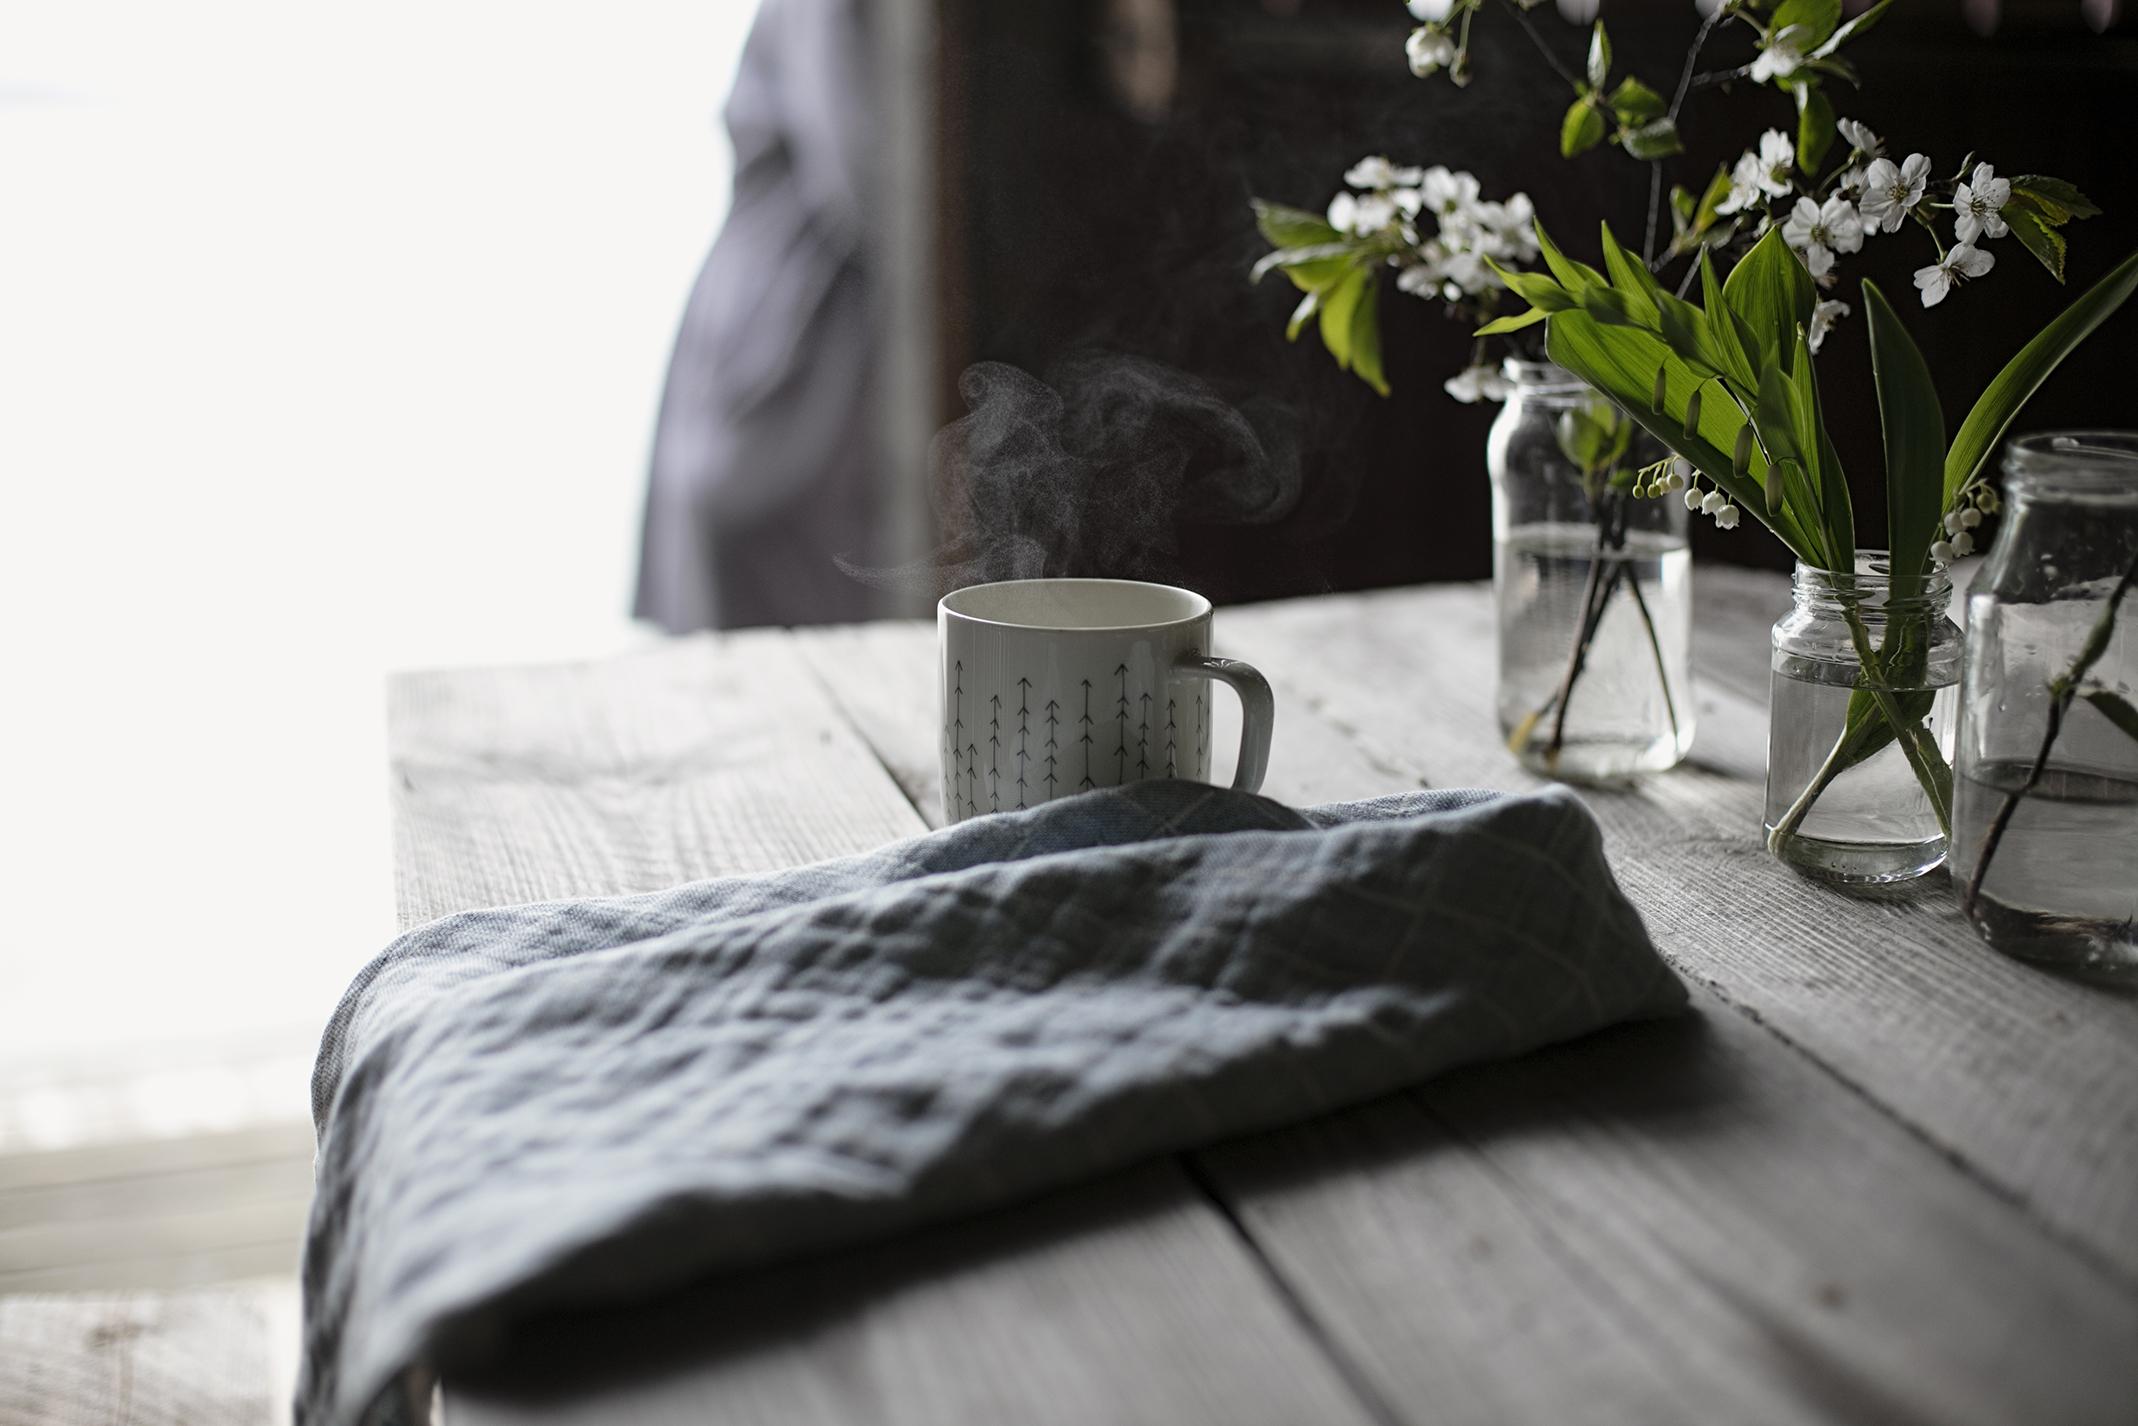 letni-textil-lapuan-kankurit2